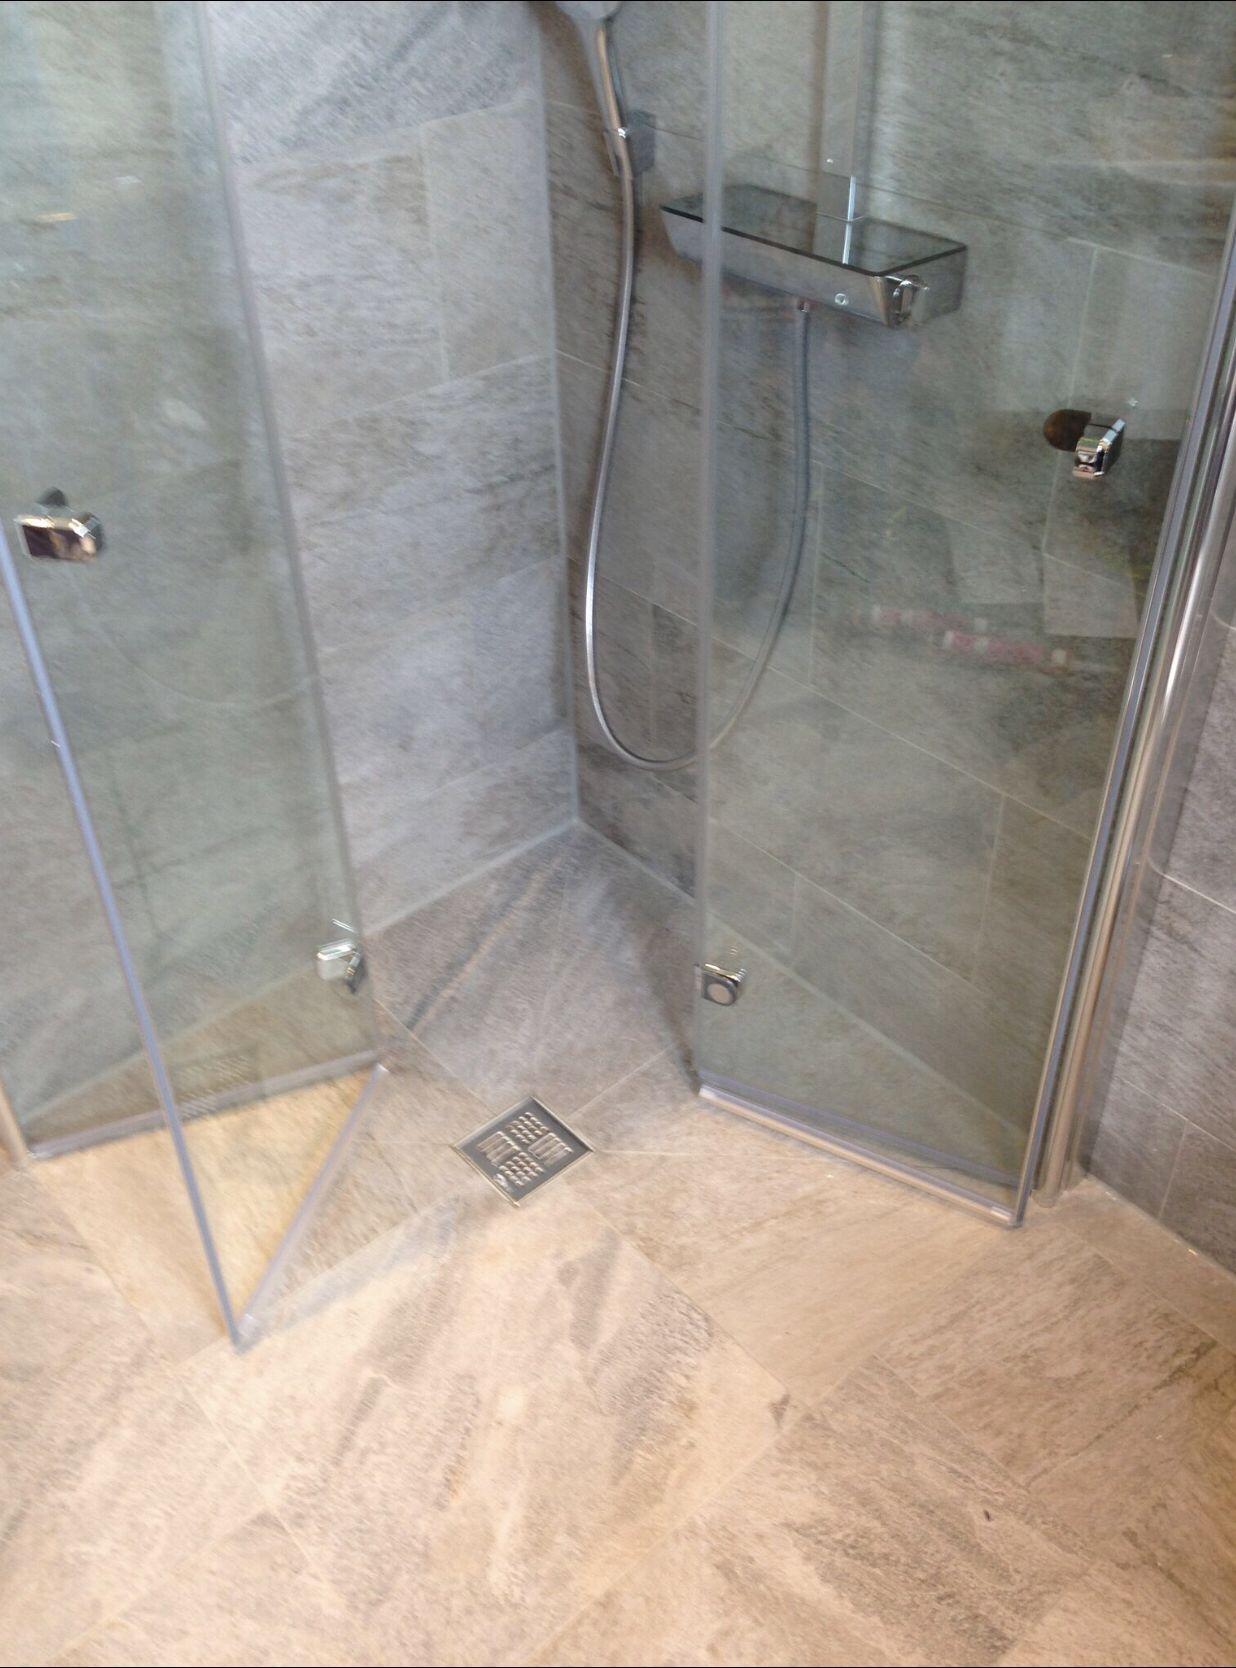 Full Size of Dusche Bodengleich Badewanne Mit Nischentür Behindertengerechte Bodengleiche Nachträglich Einbauen Bluetooth Lautsprecher Grohe Thermostat Tür Und Duschen Dusche Dusche Bodengleich